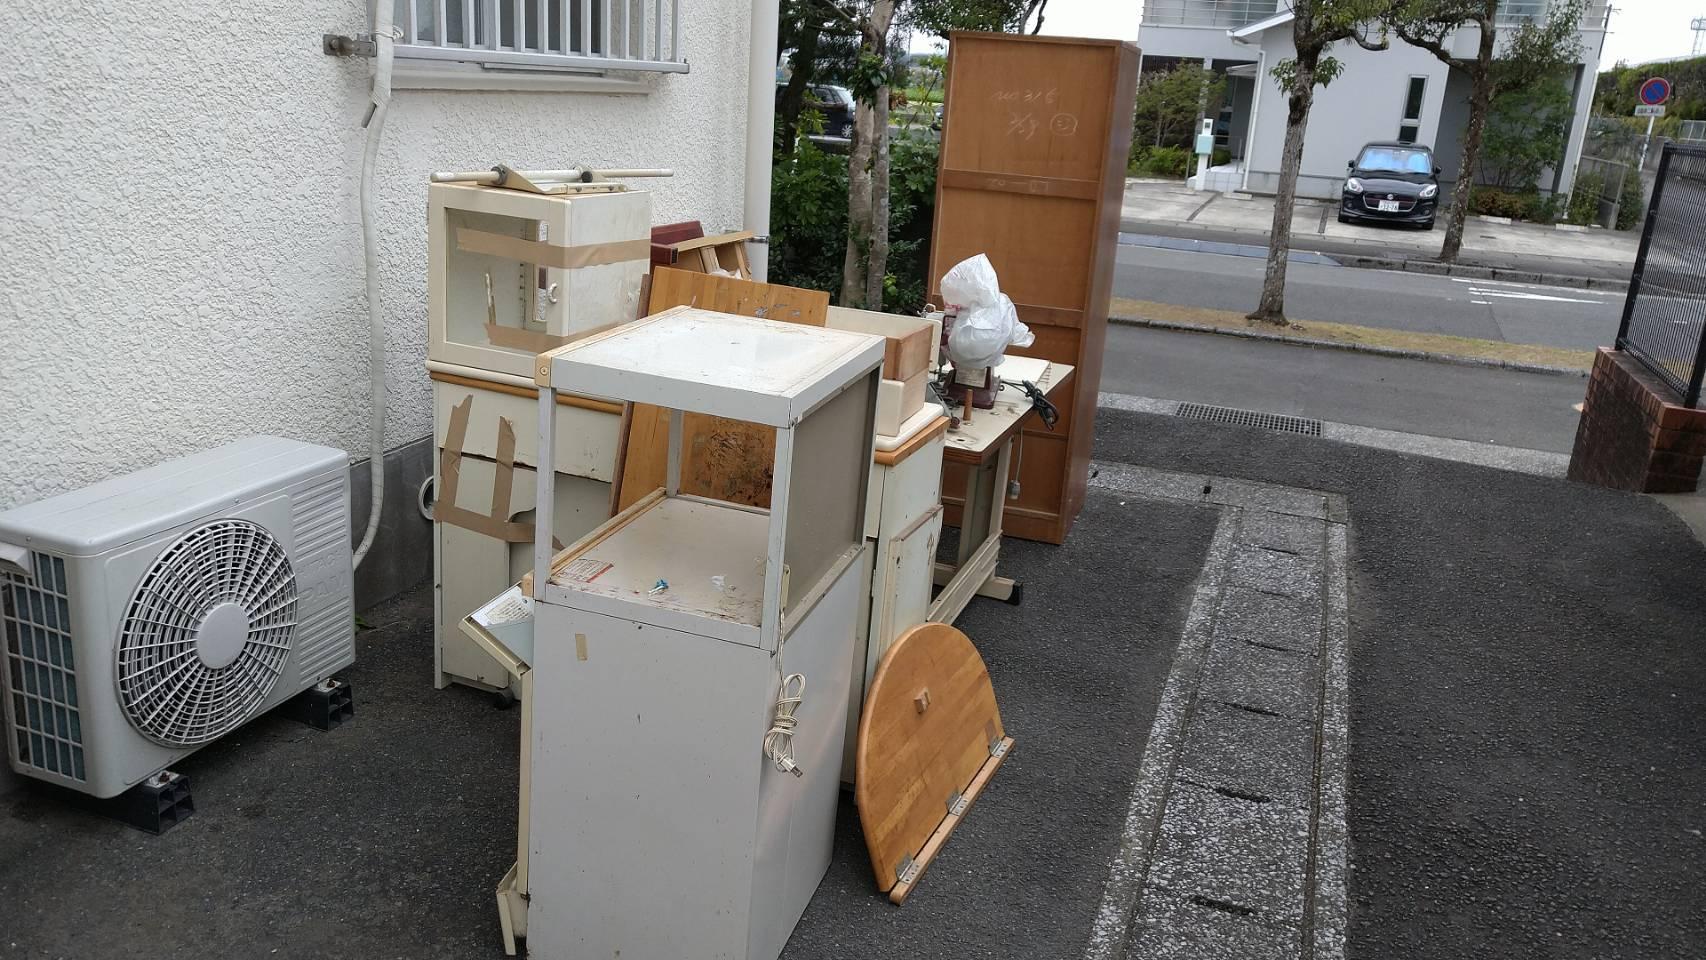 デスク、収納棚などの不用品の回収前